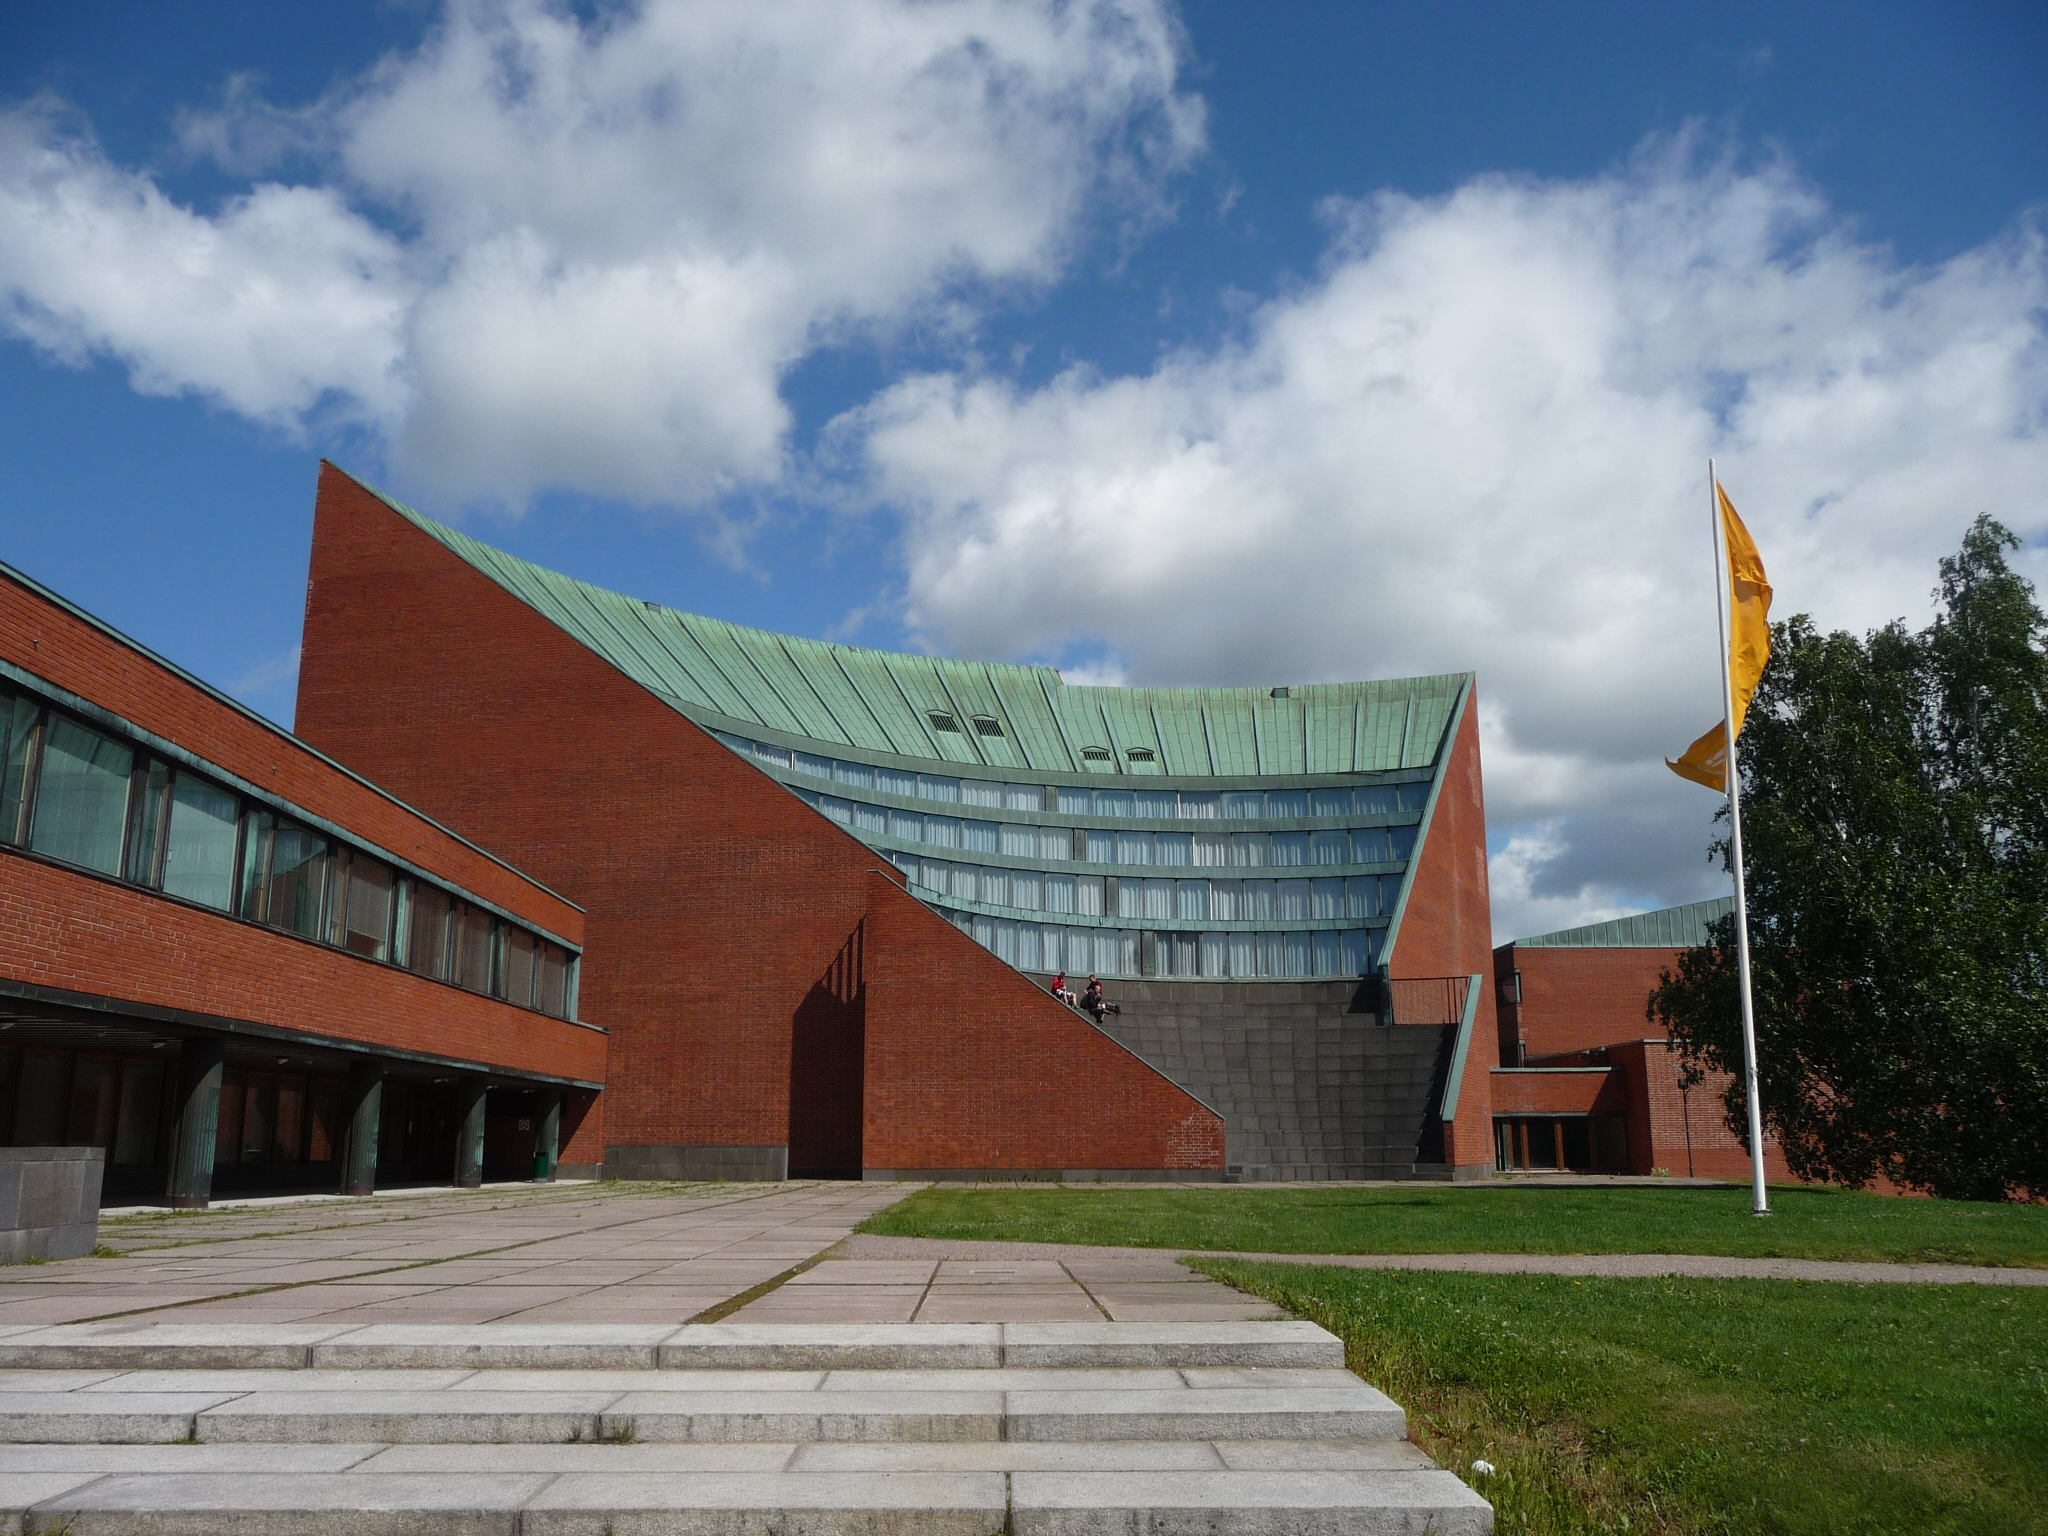 세계적인 핀란드 건축가 알바 알토의 이름을 딴 알토대학교. 나와 남편이 다닌 학교다. 그를 가장 존경하는 남편은 알바 알토가 디자인한 이 건물에서 수업을 들었다. ⓒ류진